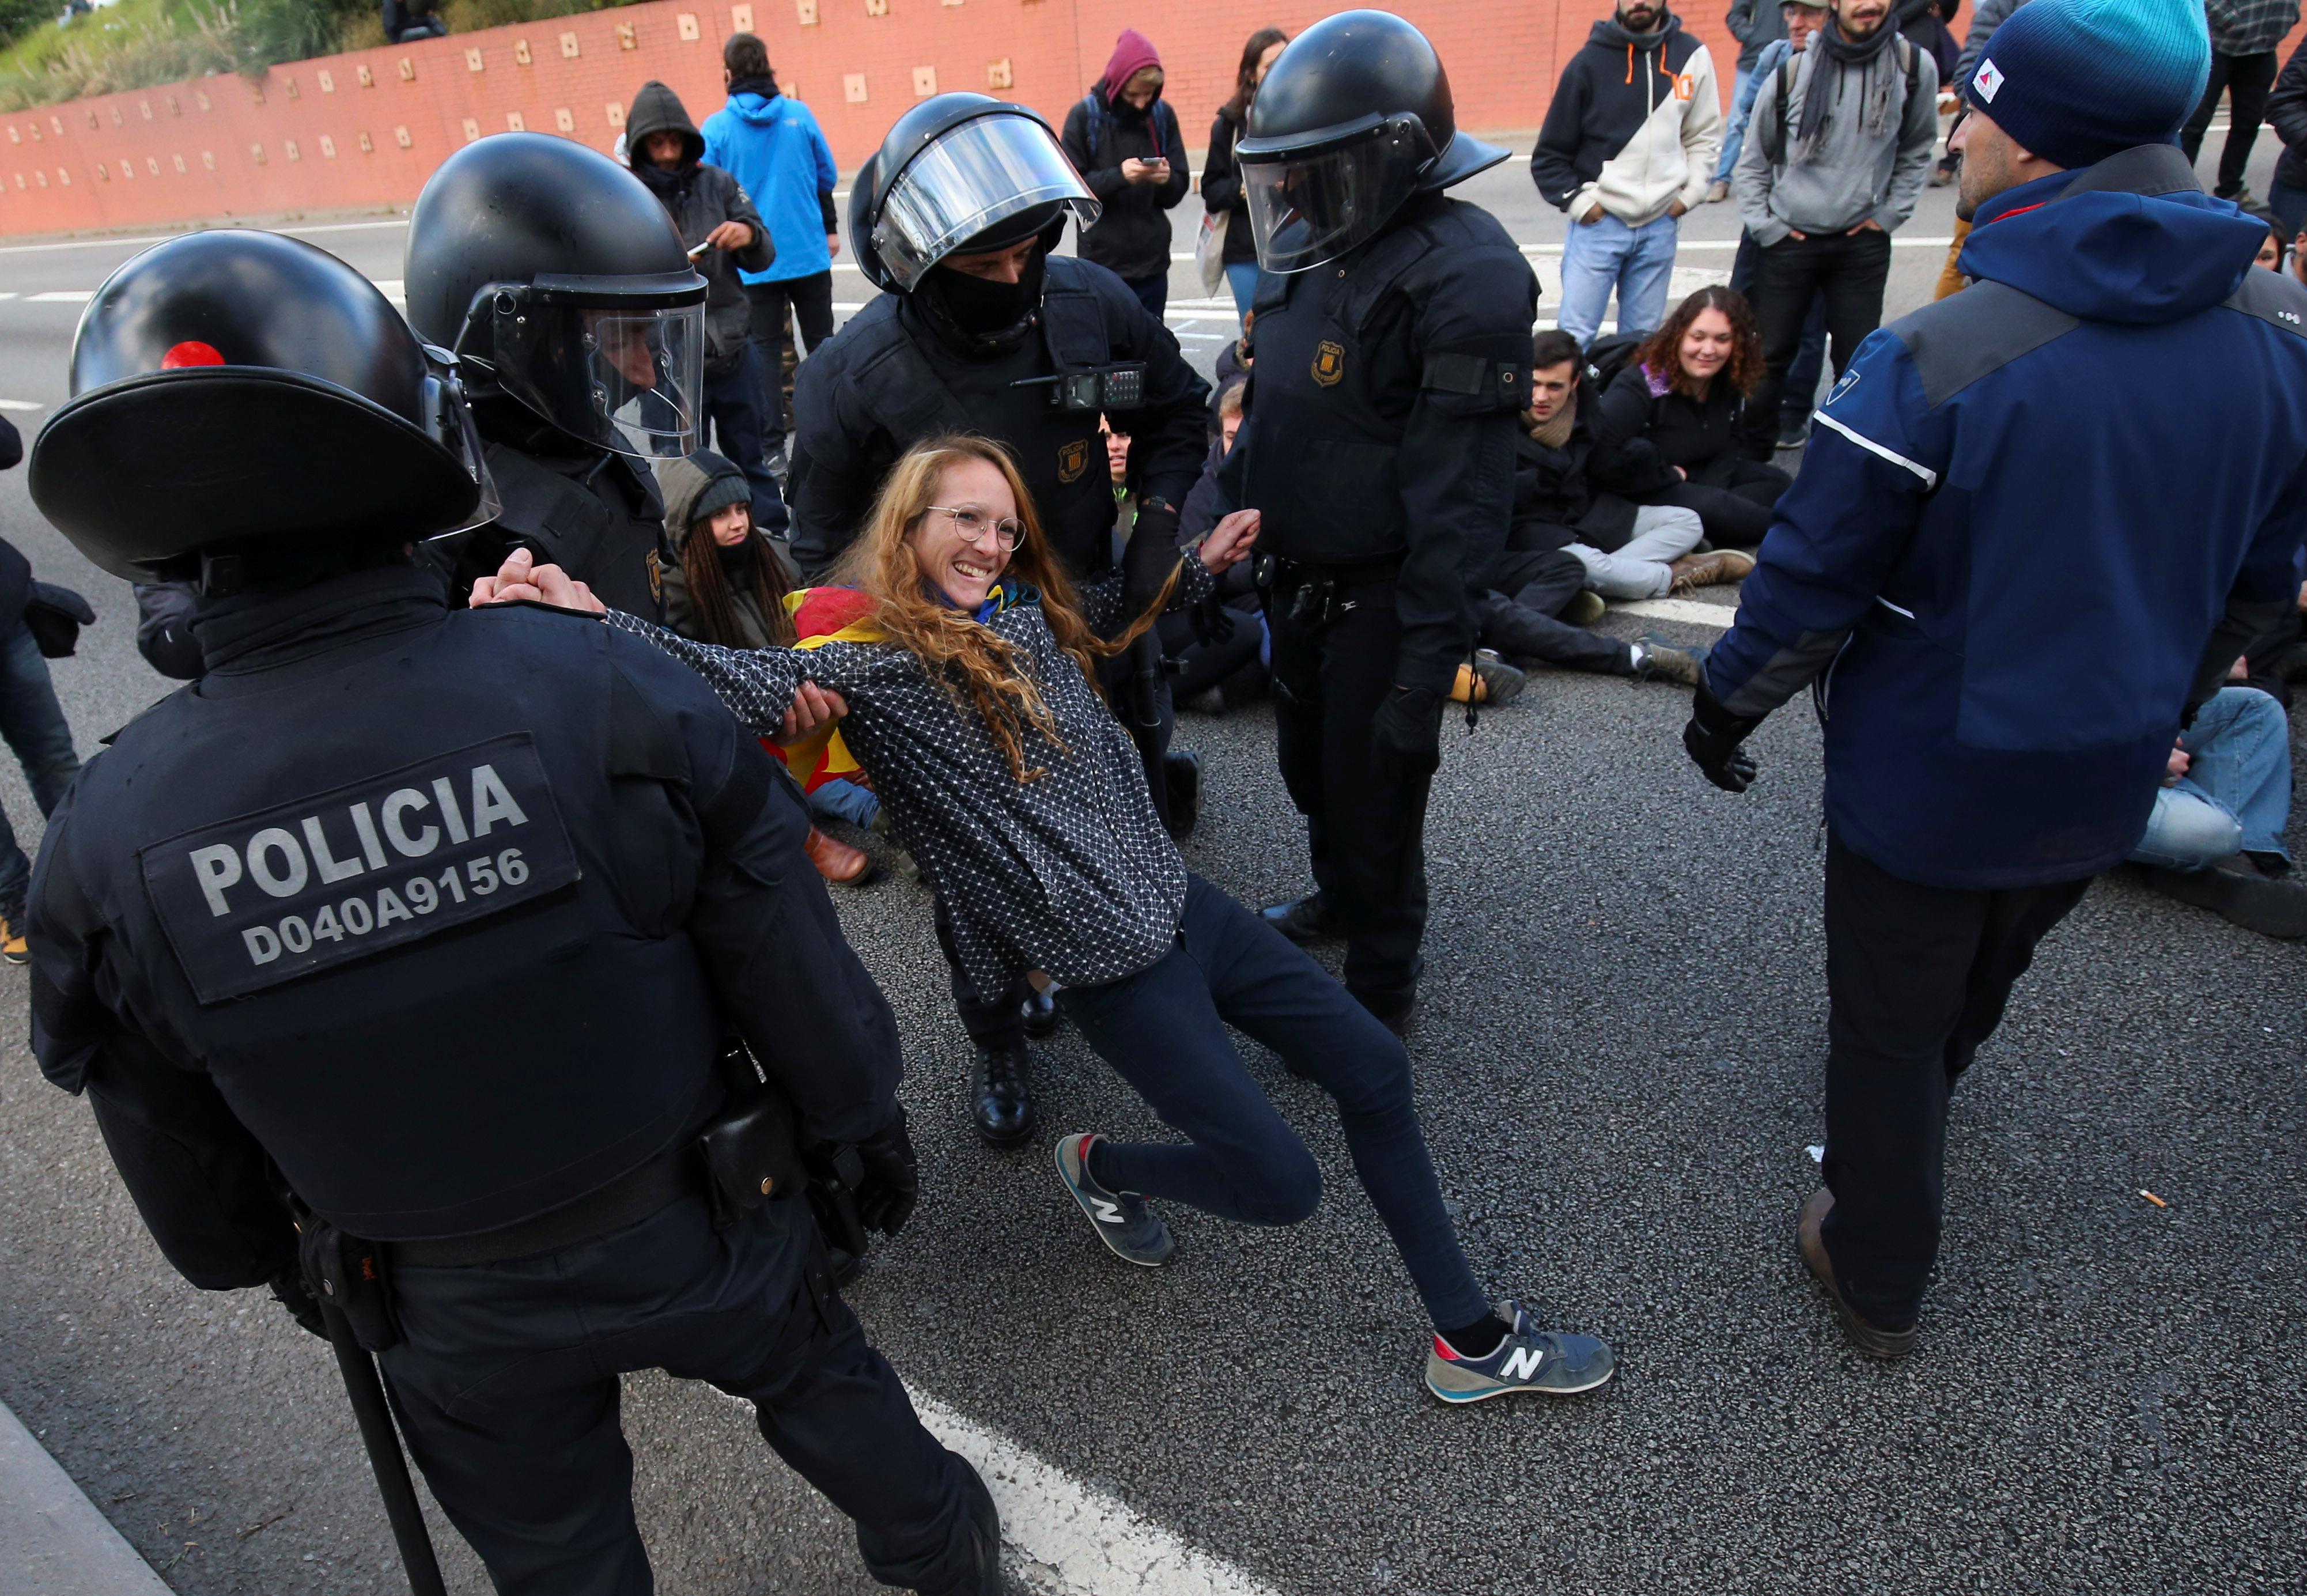 الشرطة الاسبانية تحاول فتح الطريق